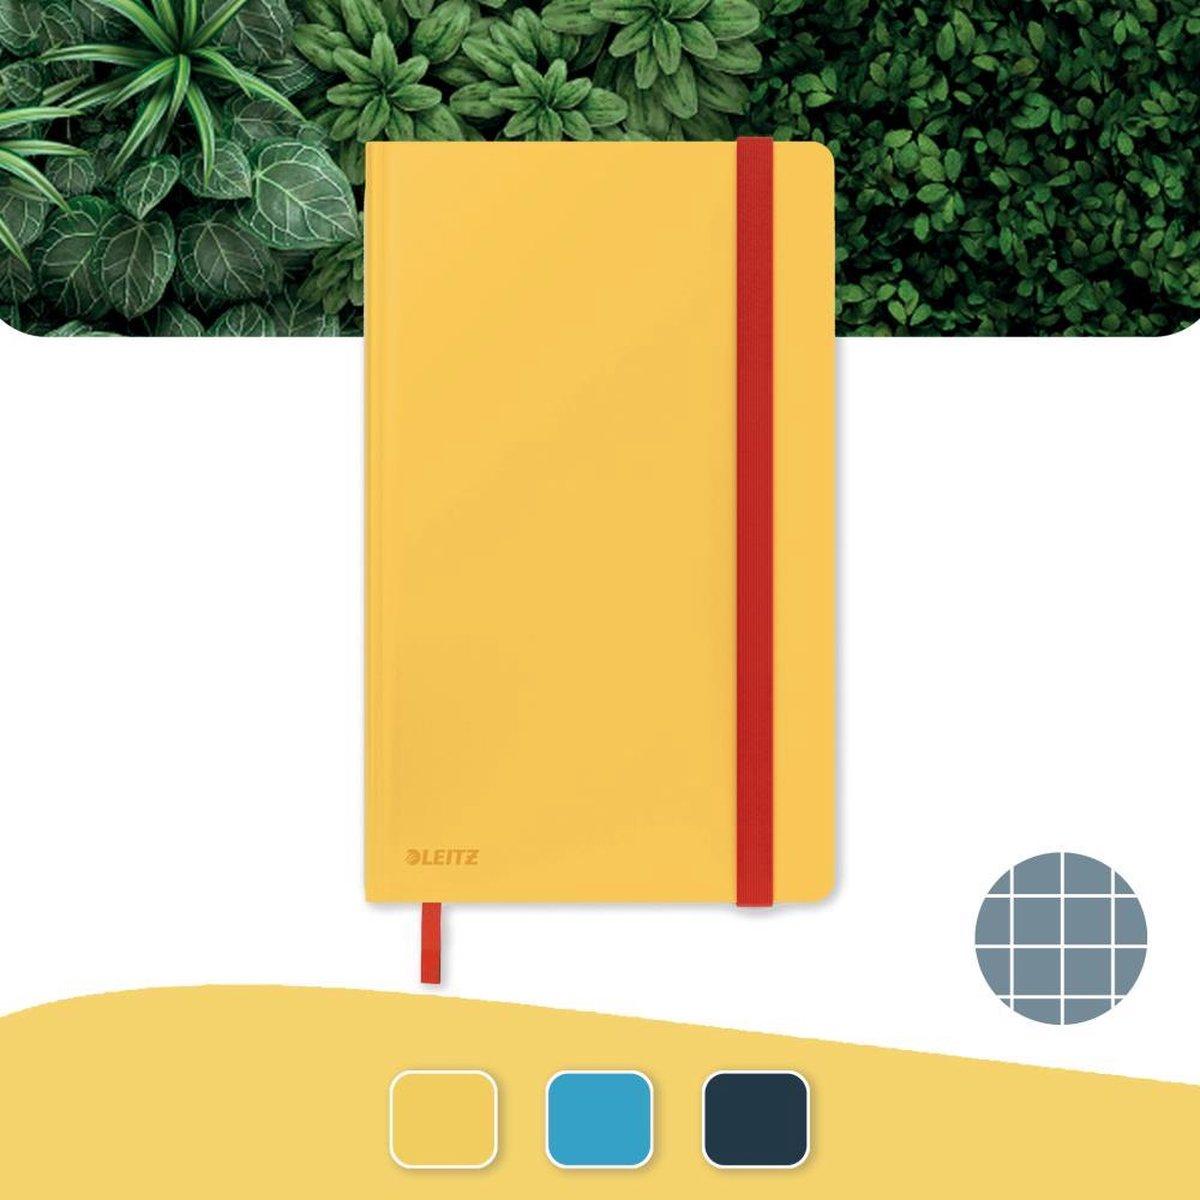 Leitz Cosy Notitieboek A5 Soft Touch Geruit - Notitieboek Hard Cover - Voor Kantoor En Thuiswerken - Warm Geel - Ideaal Voor Thuiskantoor